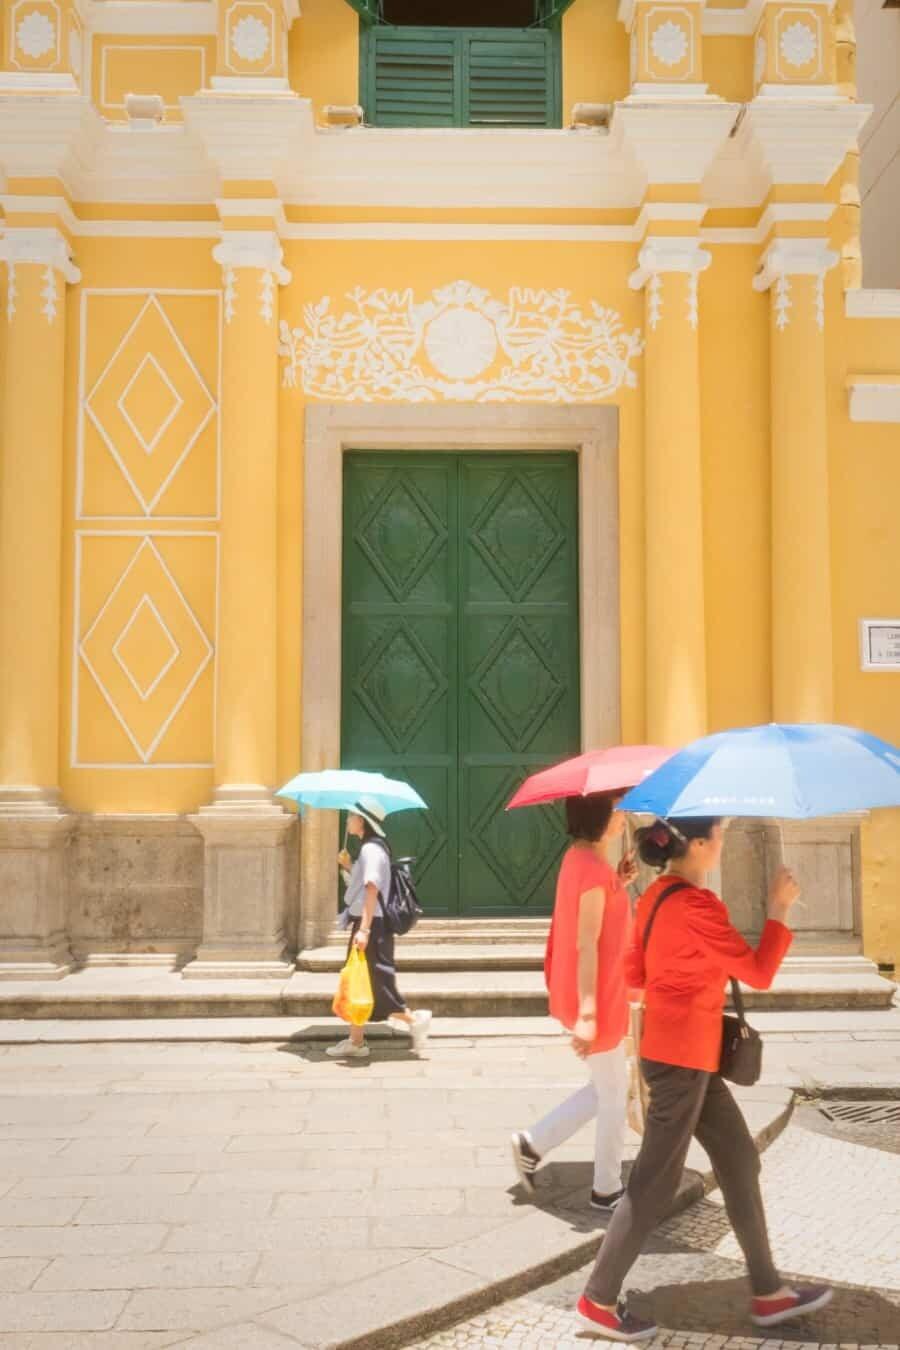 Senado Square Macao - Macao photo spots